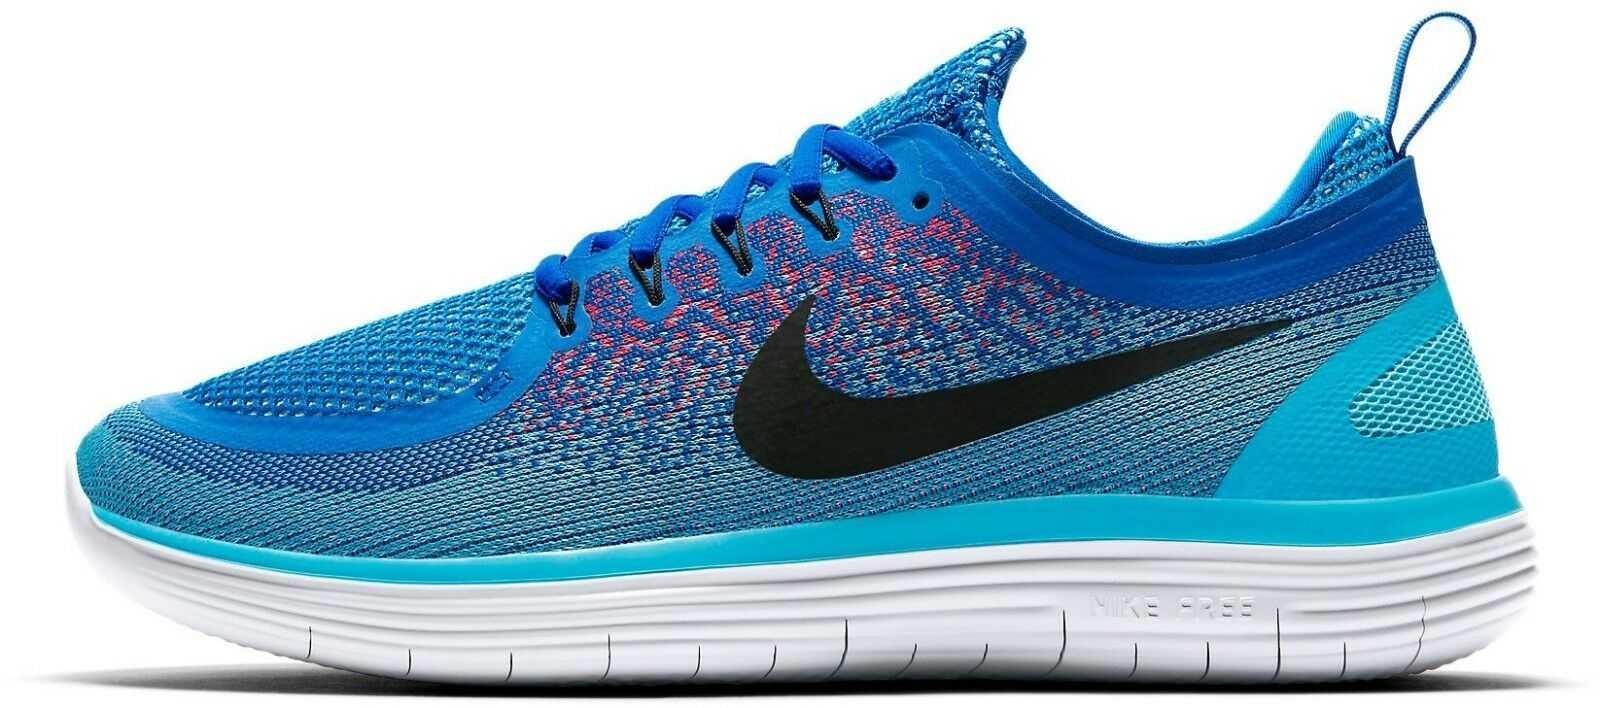 Идеальная мужская обувь для фитнеса и тренировок должна должна защищать от травм Предлагаем вам топ-20 мужских кроссовок для фитнеса и спорта (2019)